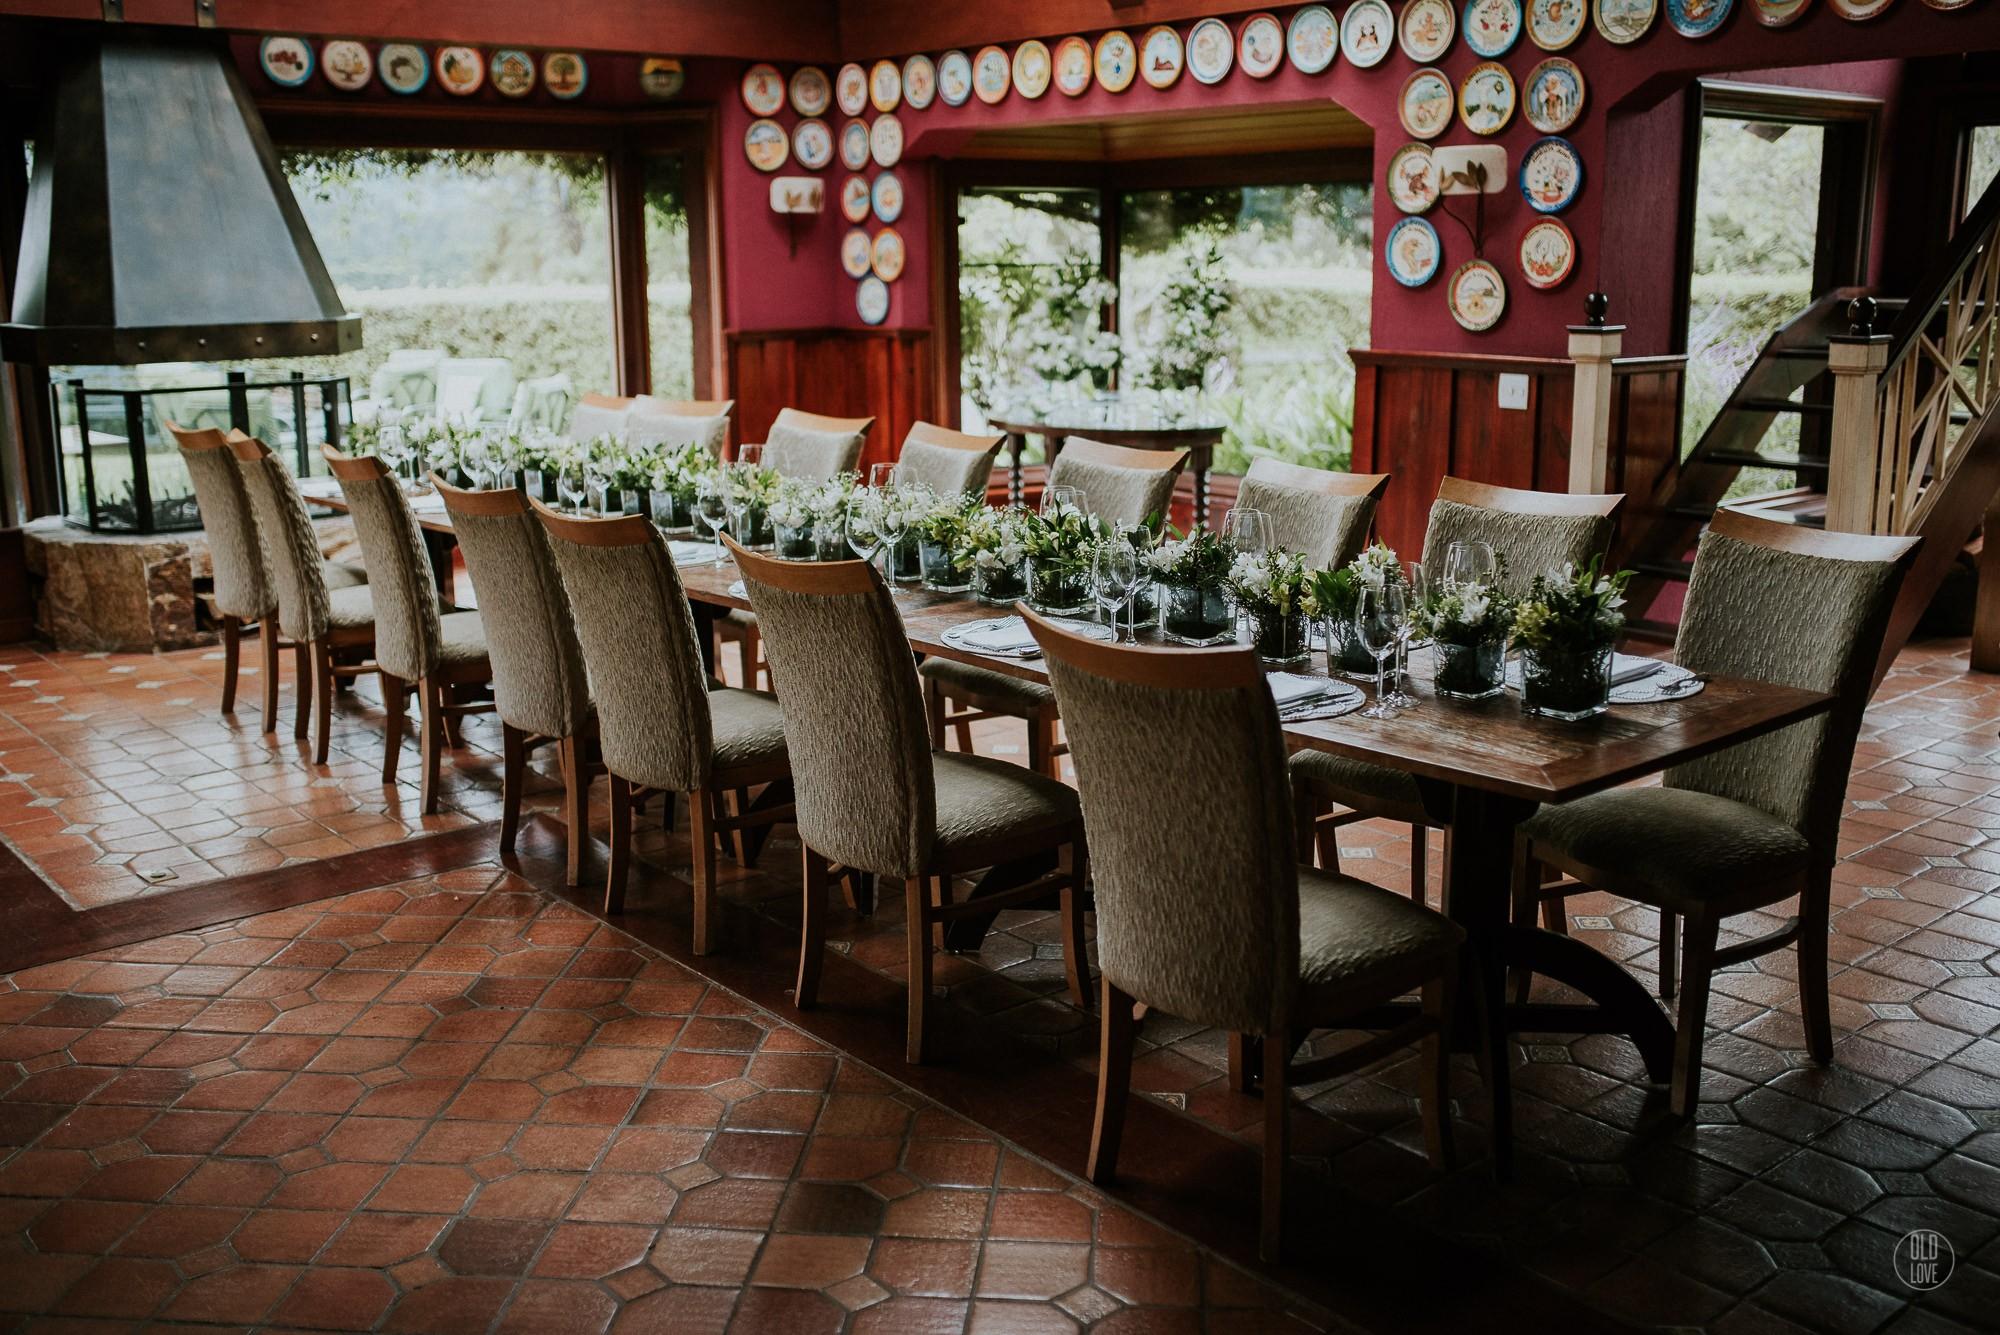 Mesa decorada com arranjo de flores ao centro.